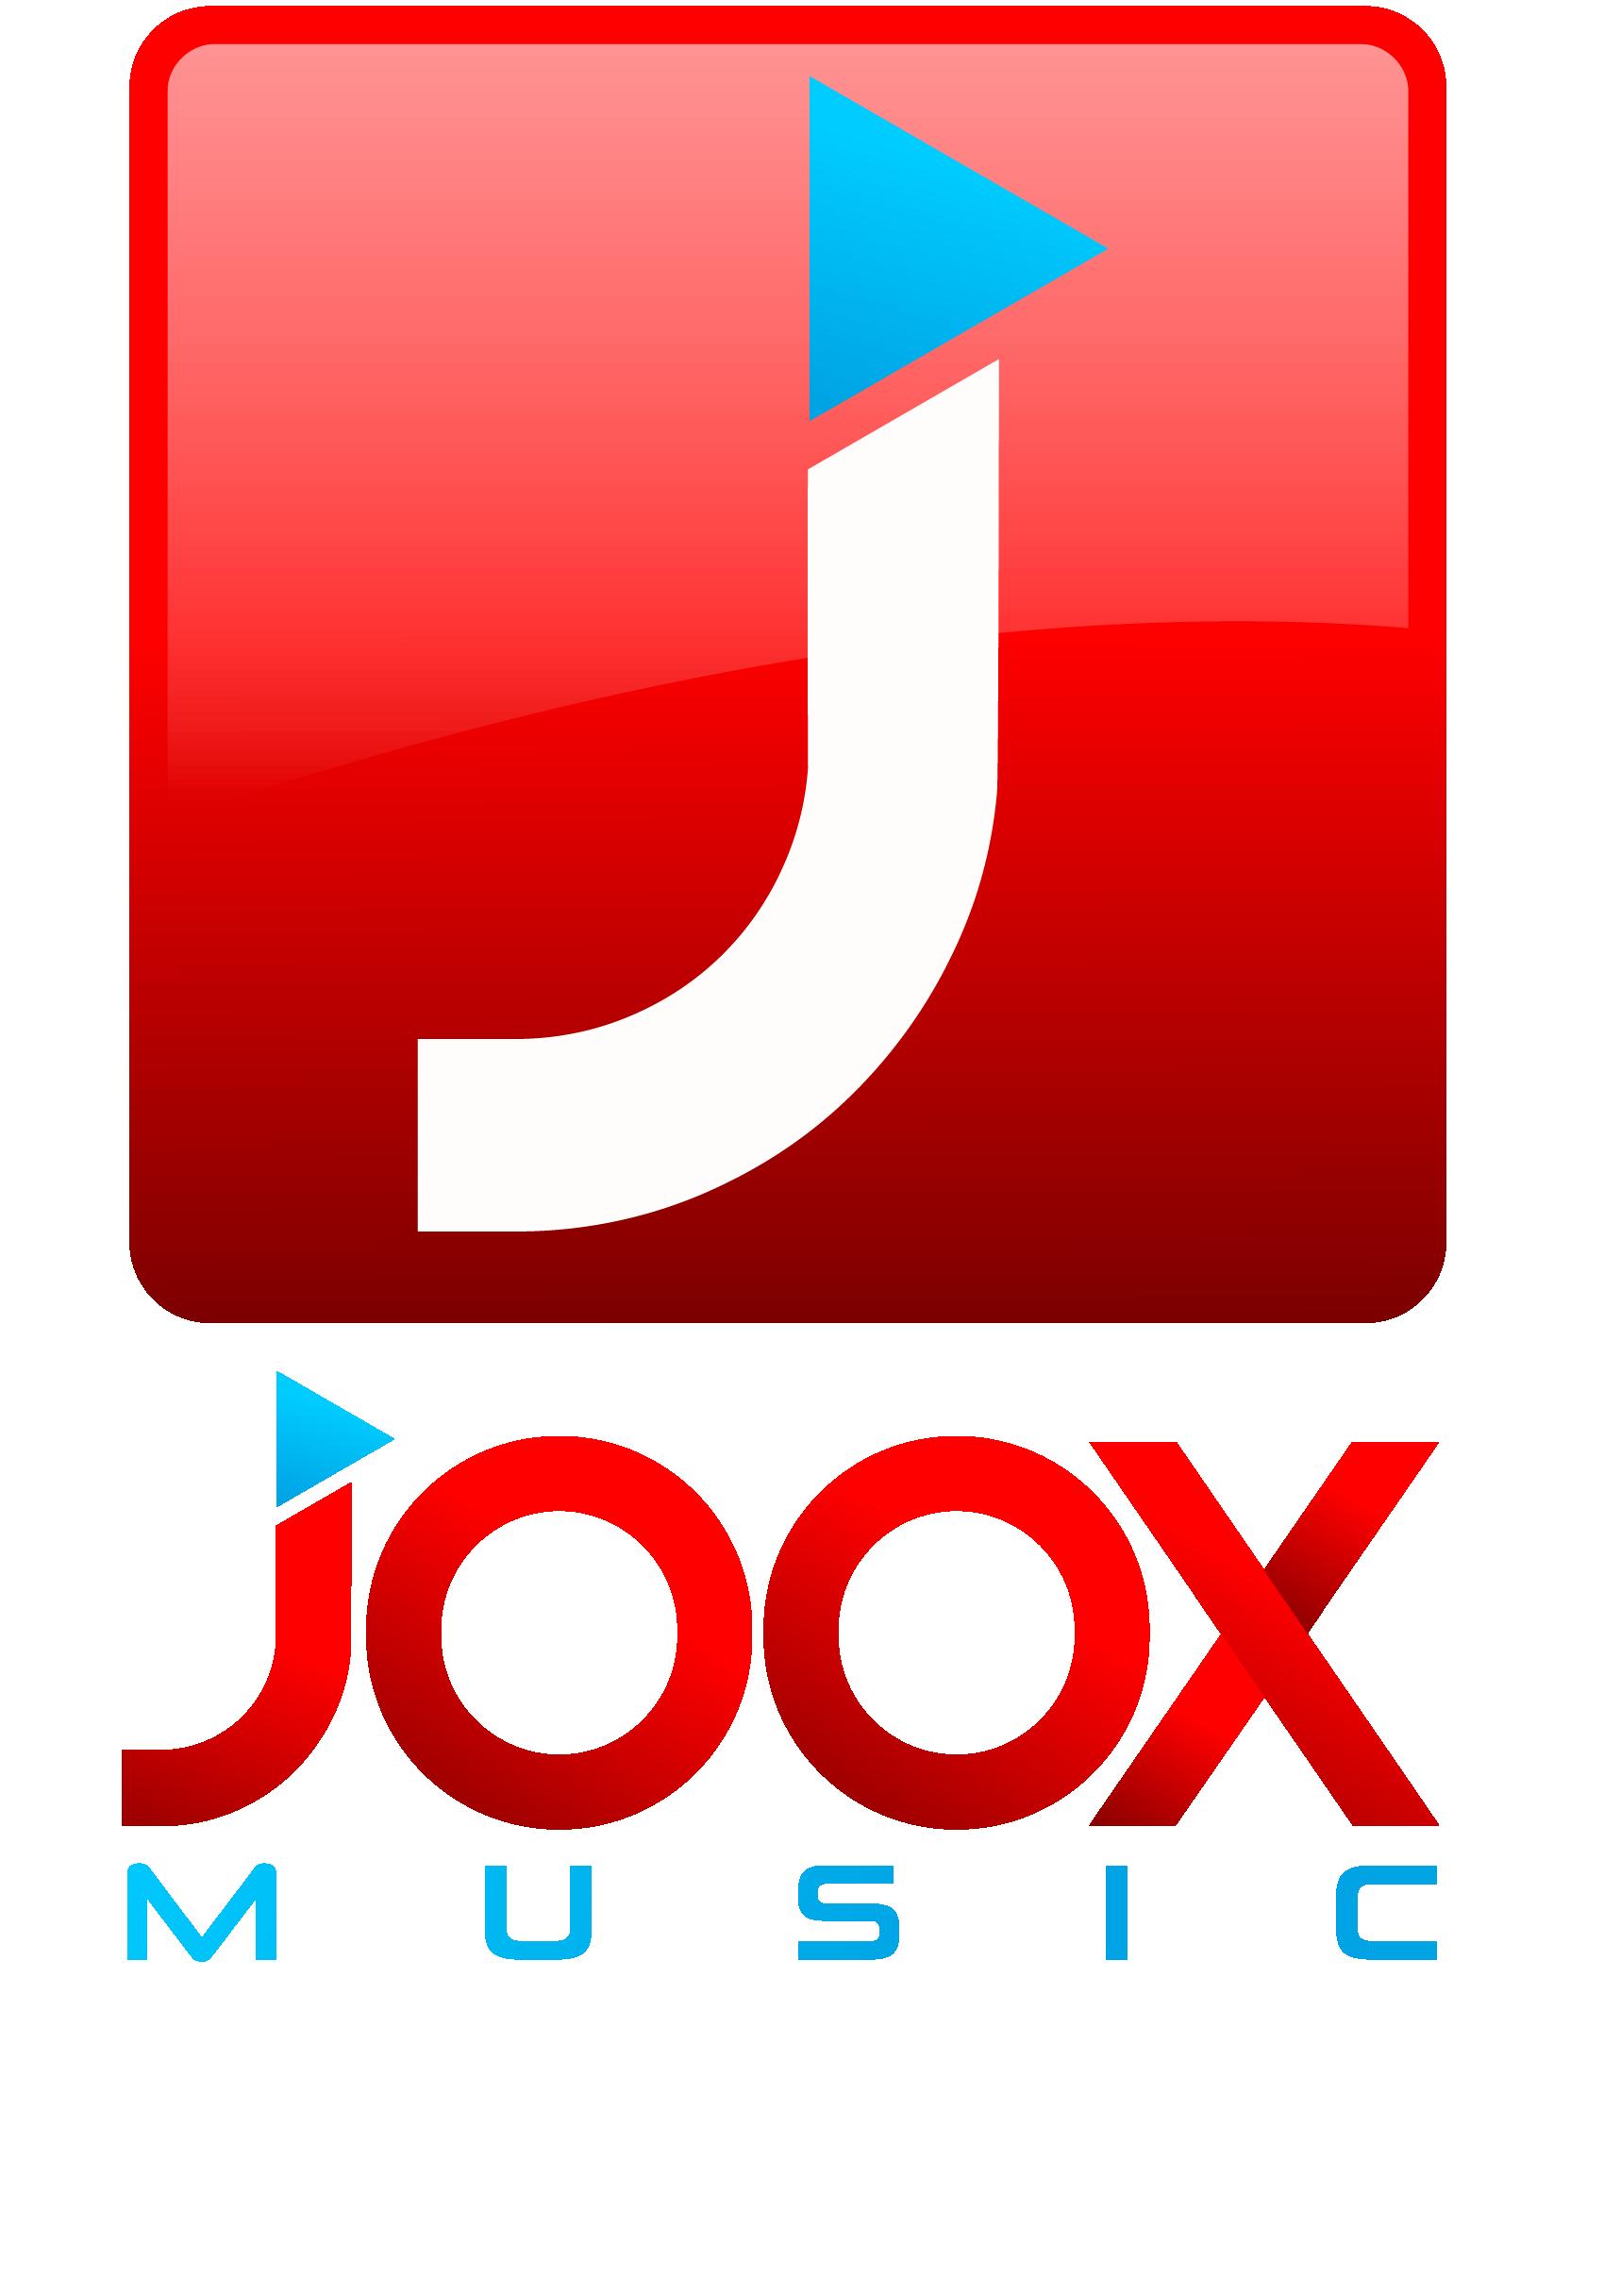 JOOX Music Email Format | jooxmusic com Emails